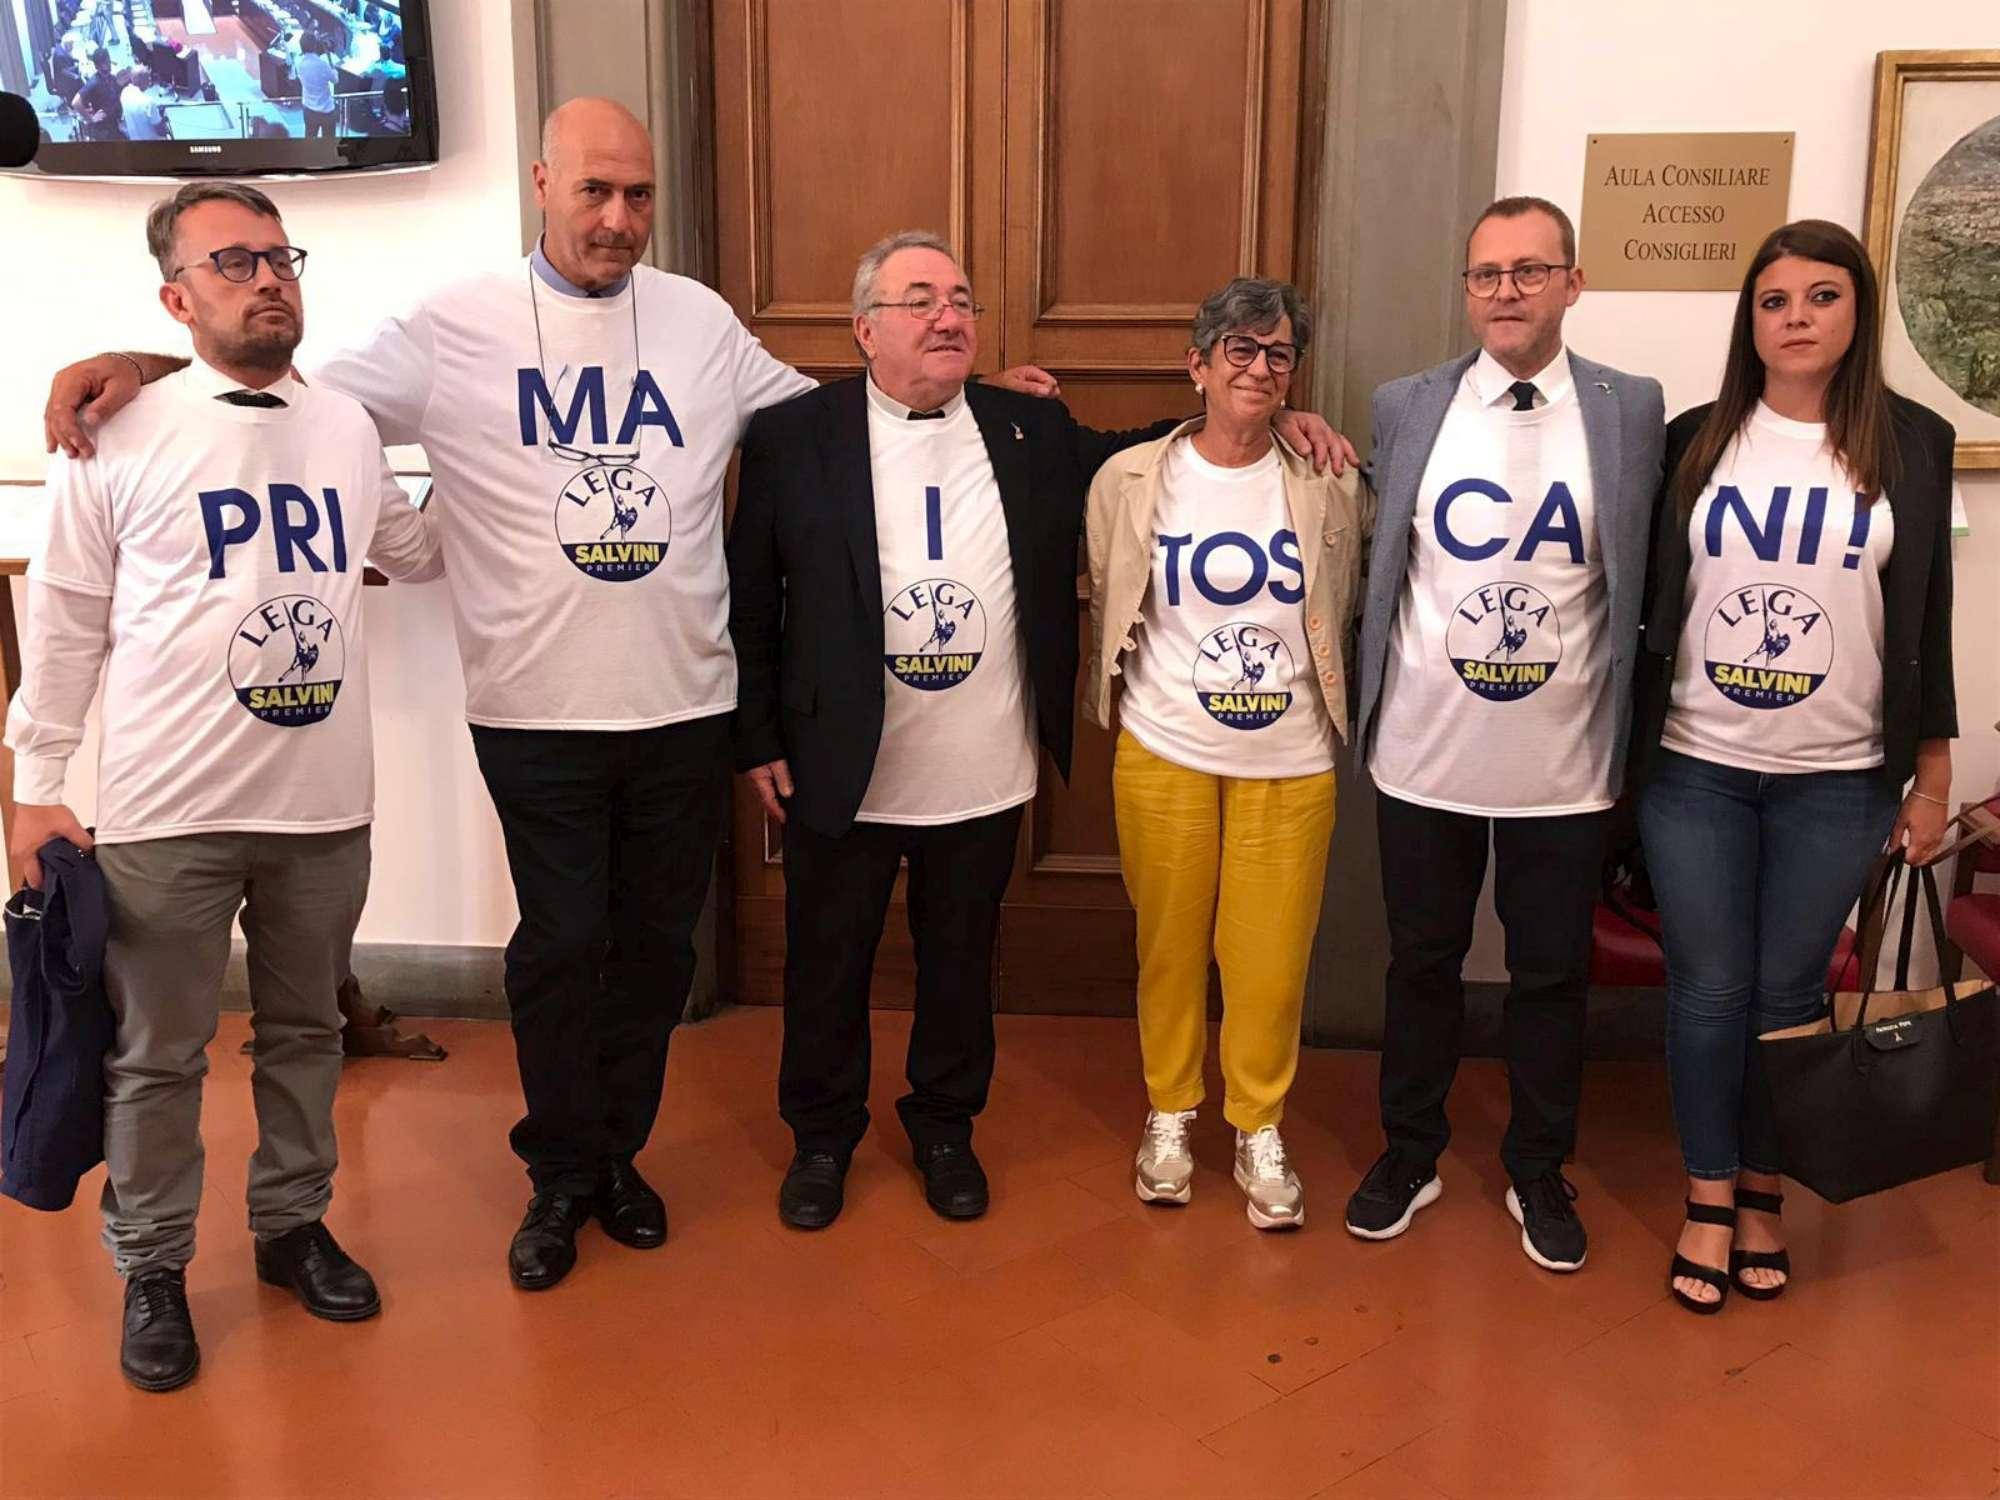 Prima i toscani , la protesta dei leghisti con gaffe scatena il web